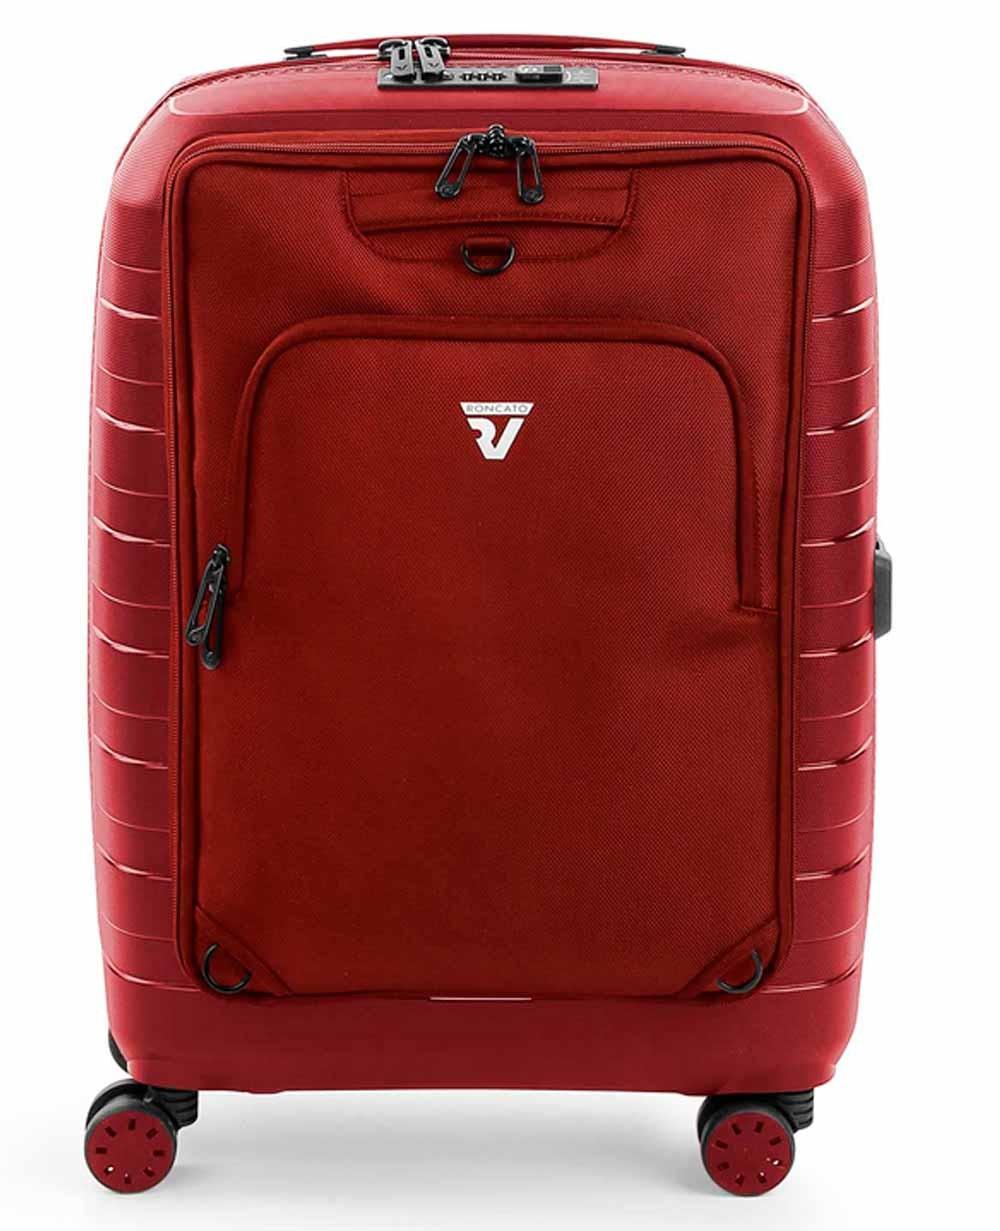 Roncato D-Box Maleta de Mano con mochila Roja (Foto )